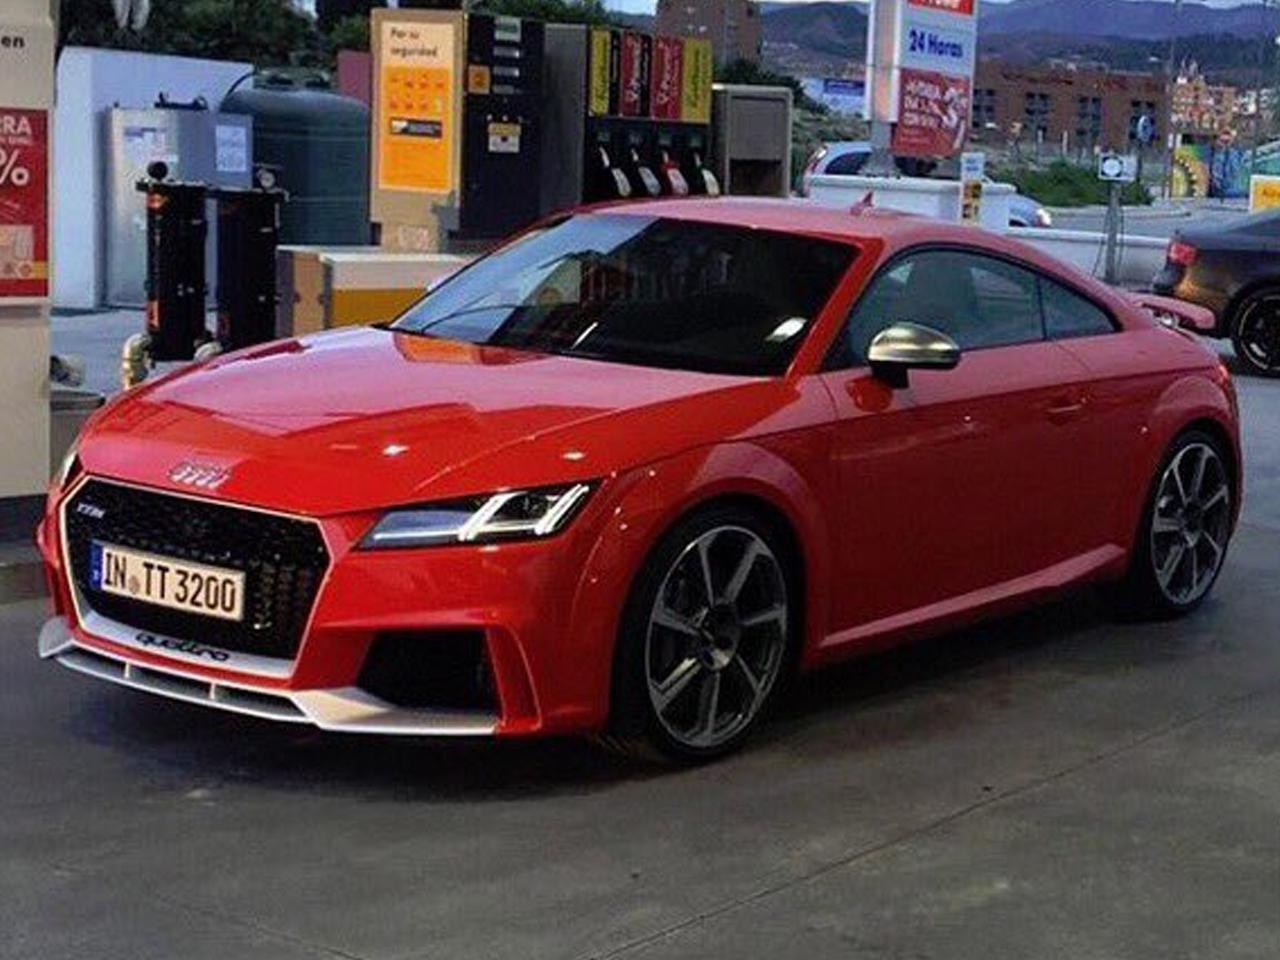 Audi tt 2016 prix neuf